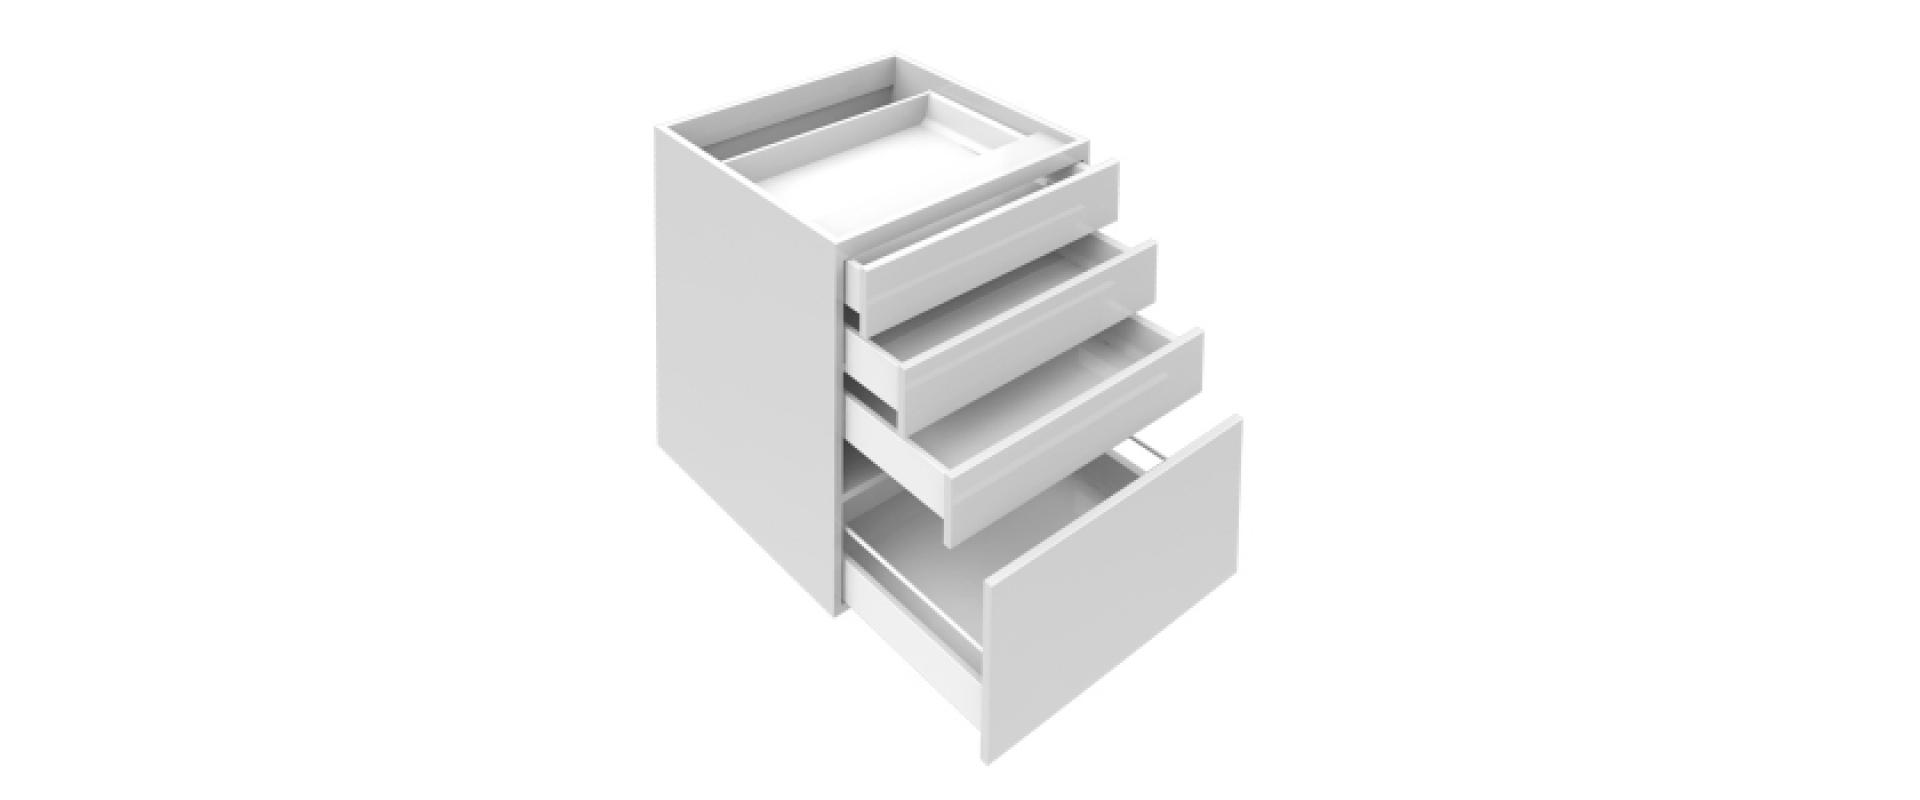 Bänkskåp med 4 lådor